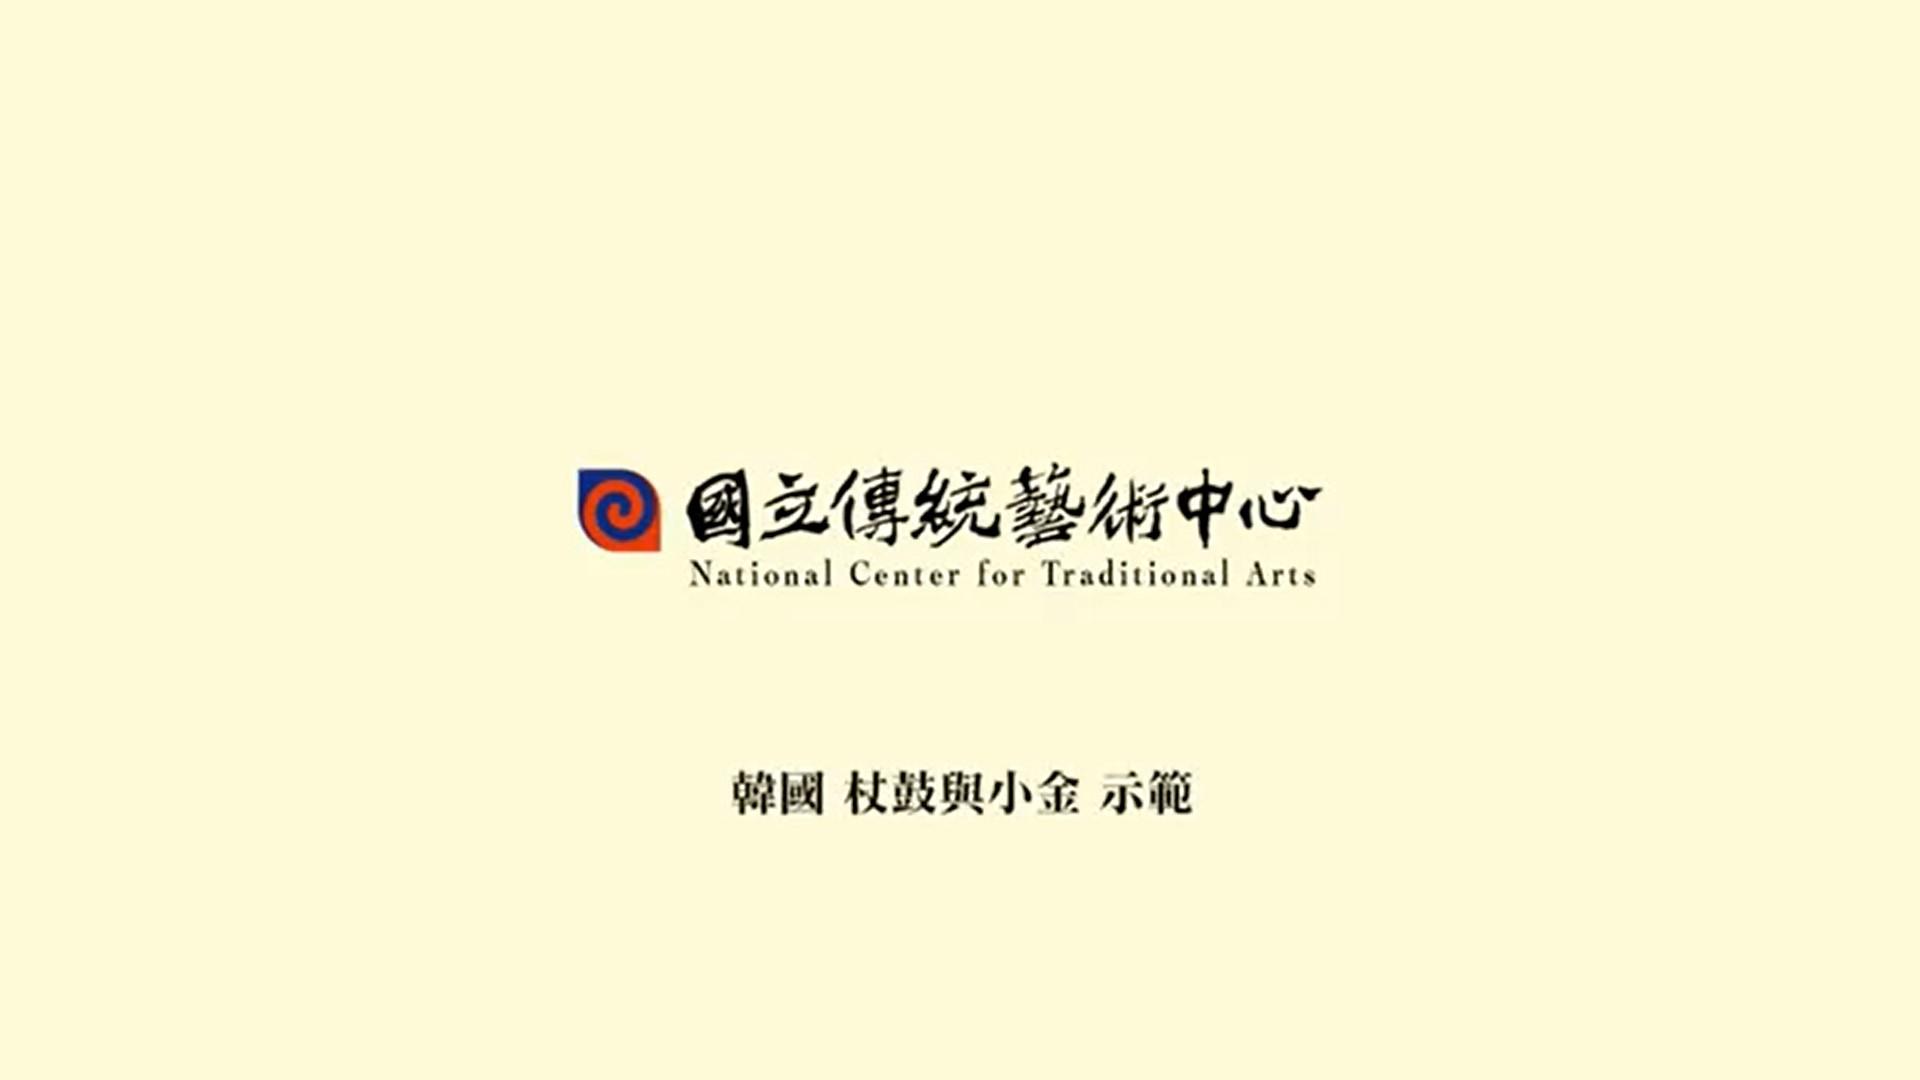 「亞太樂器常設展」樂器介紹-韓國杖鼓、小金